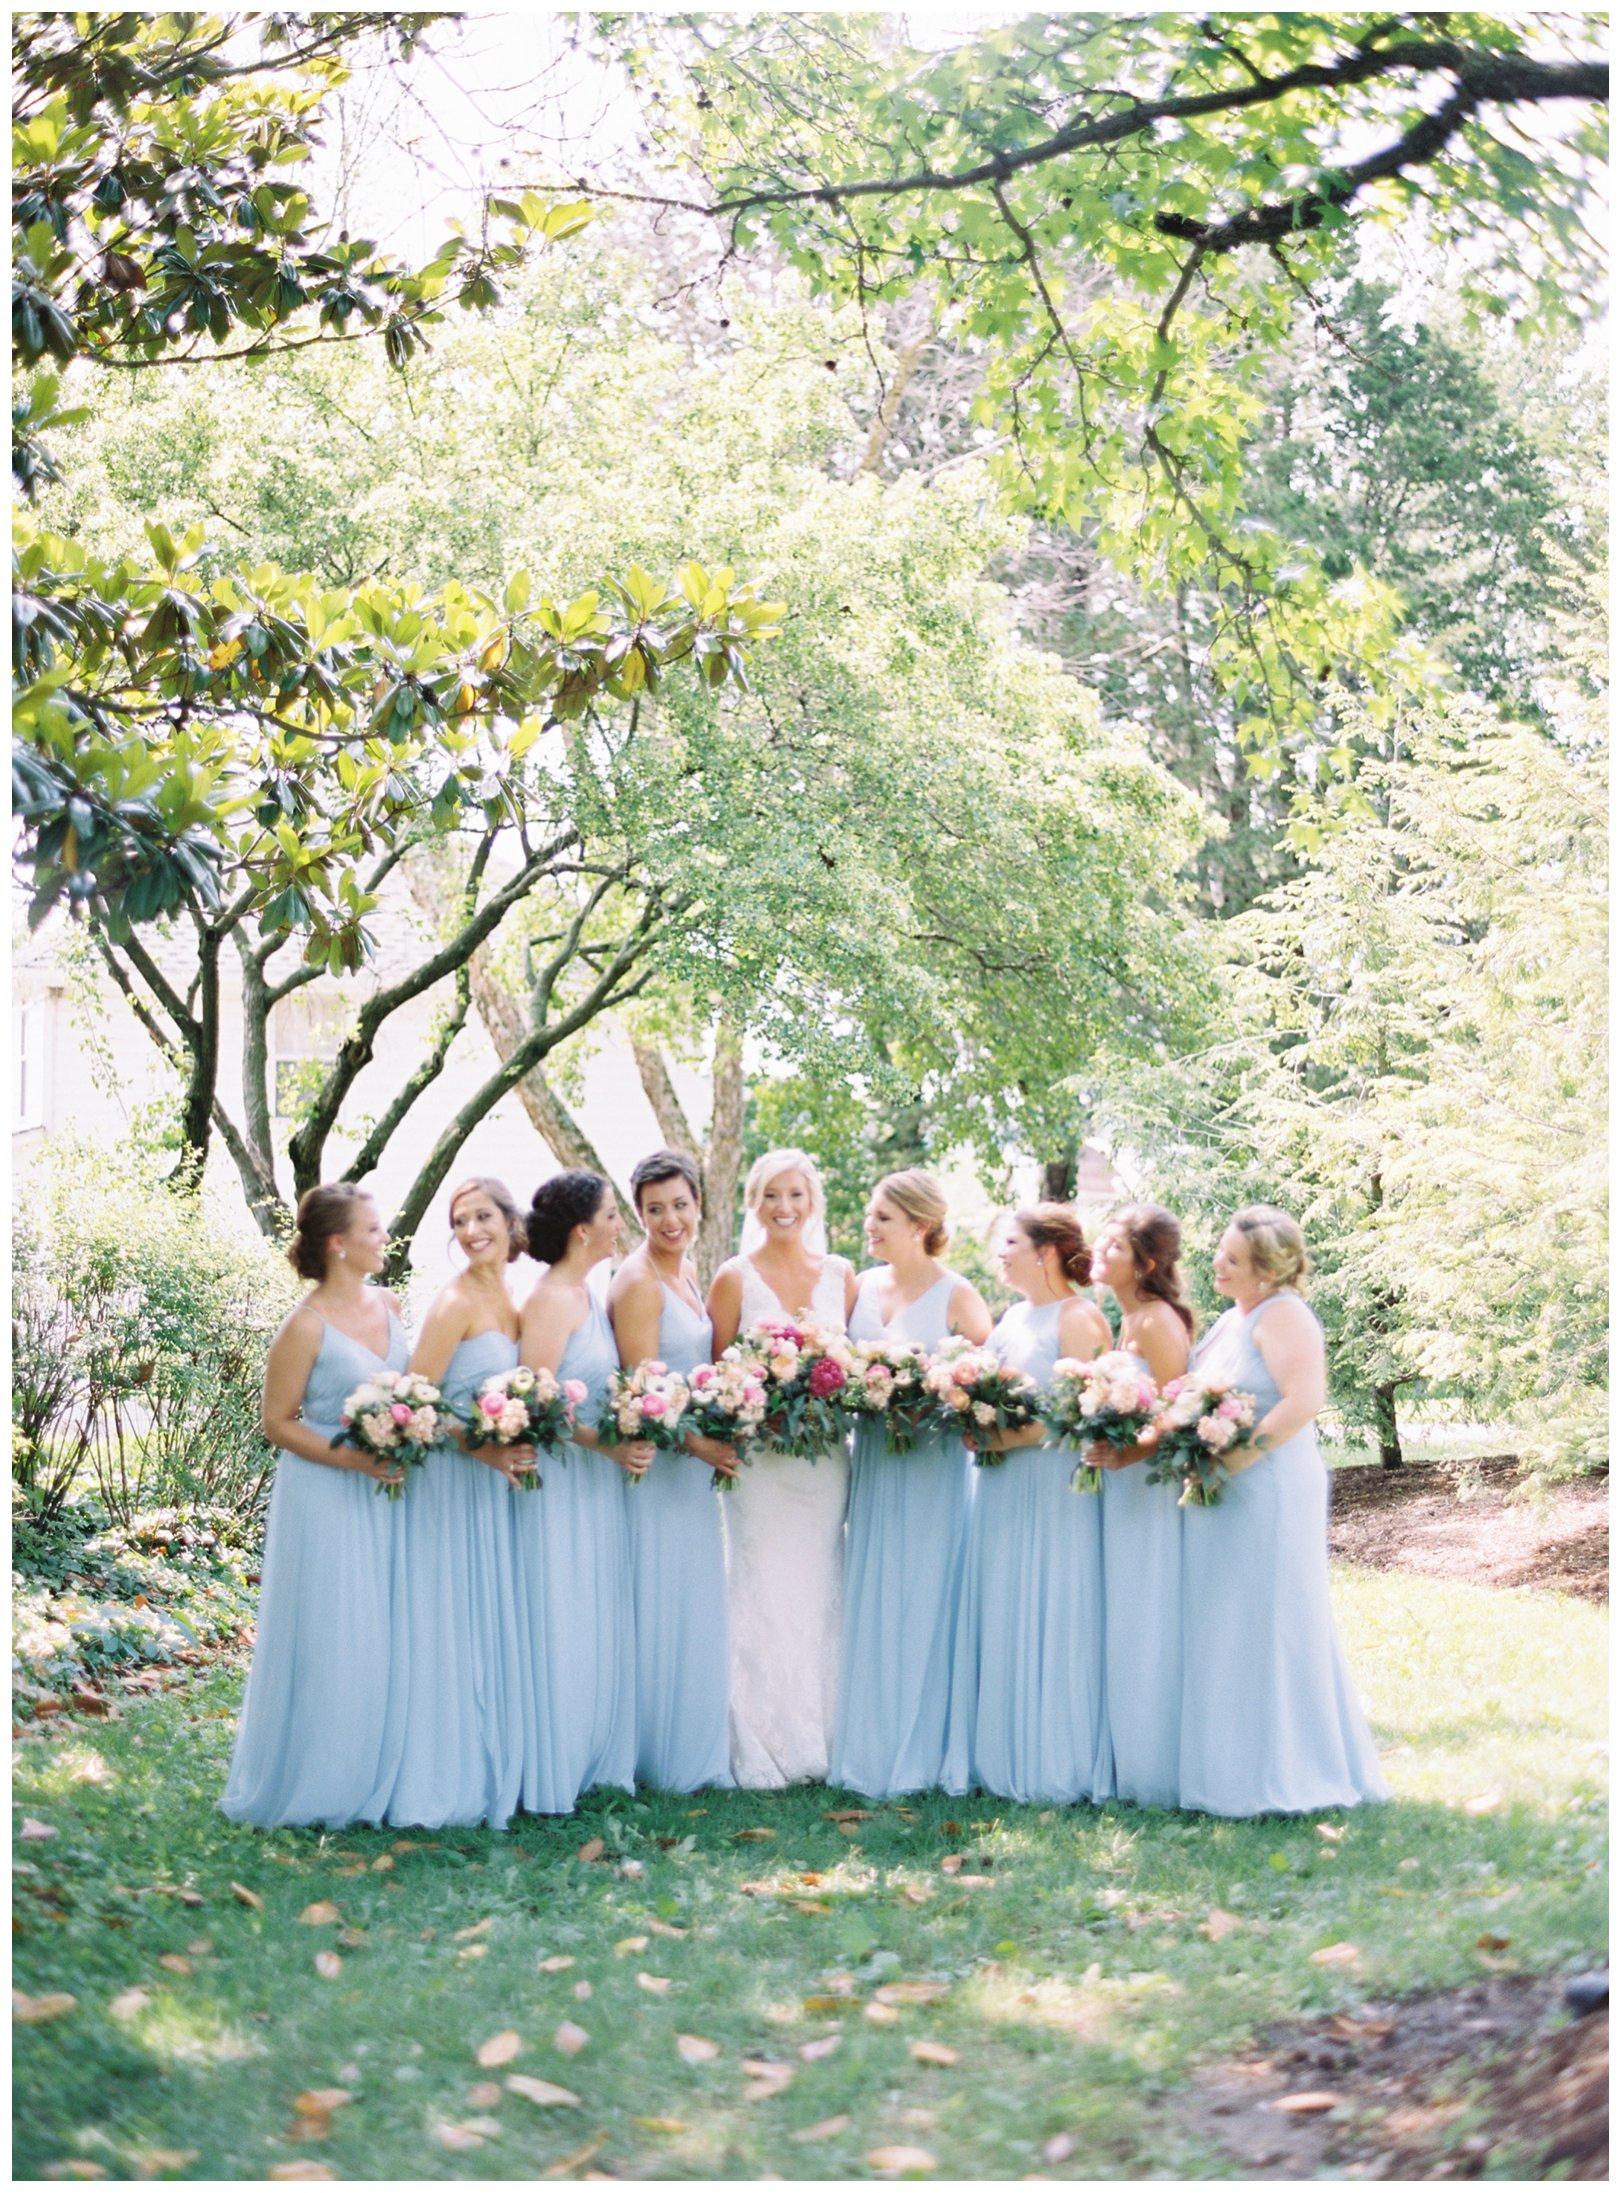 lauren muckler photography_fine art film wedding photography_st louis_photography_2369.jpg